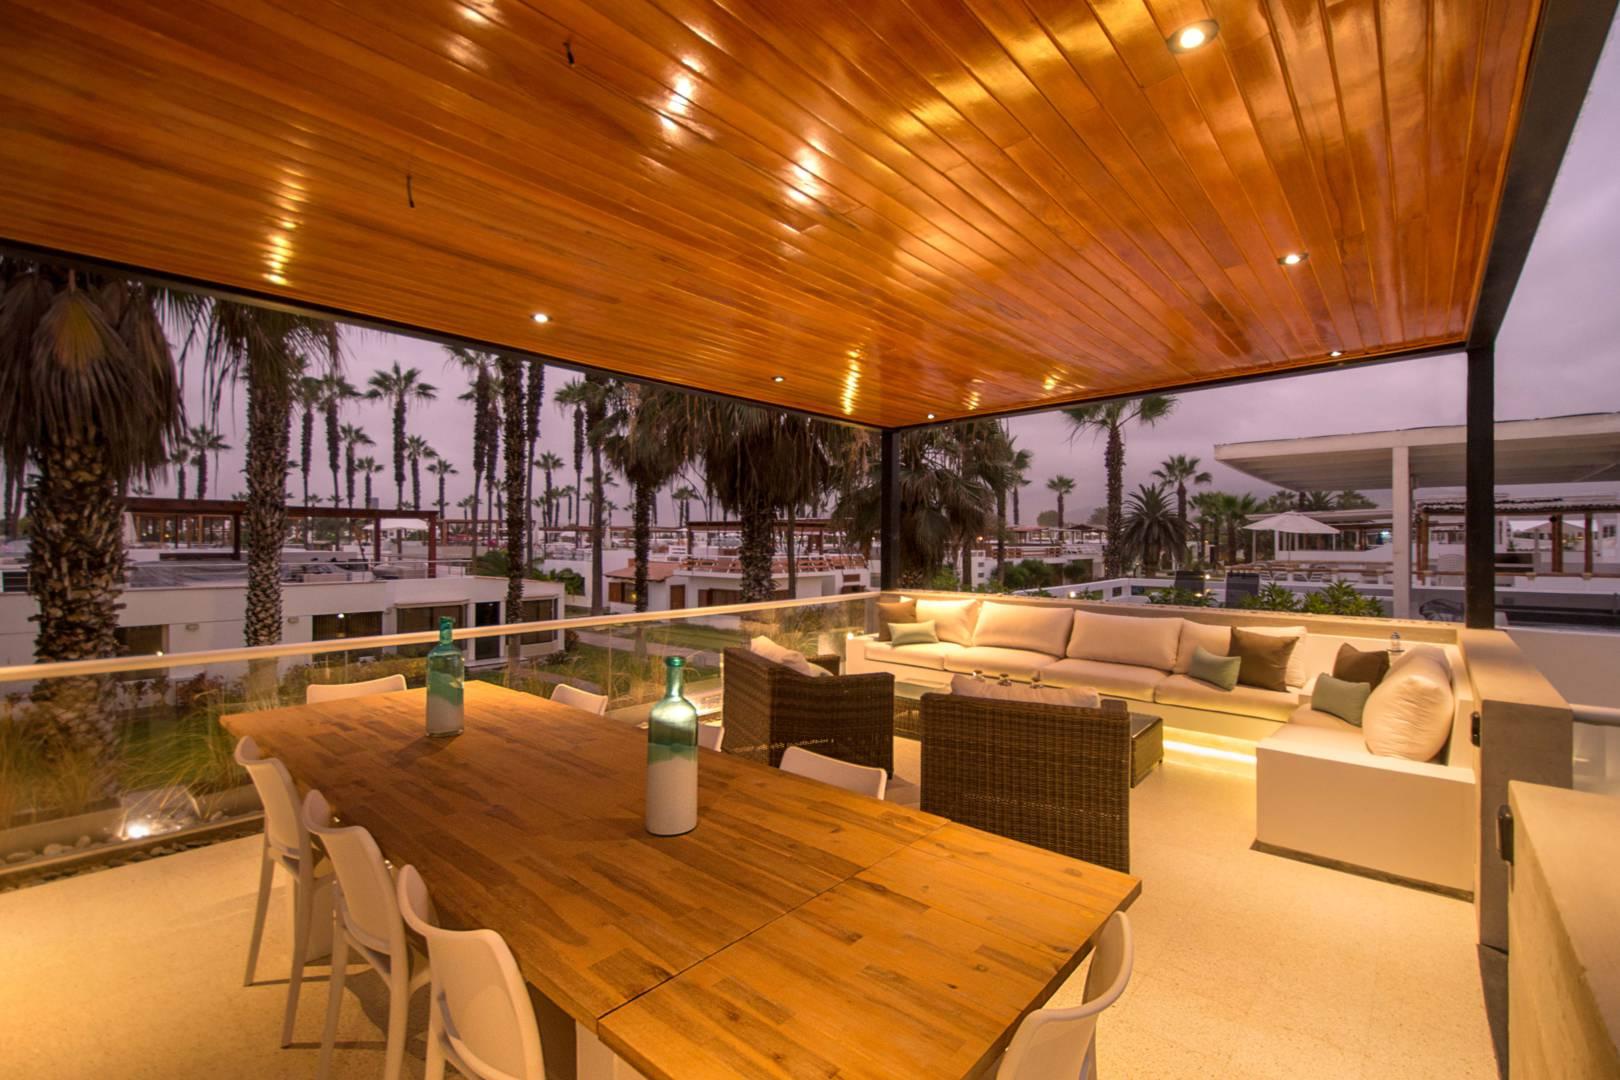 Casa S - Romo Arquitectos (46 of 94)